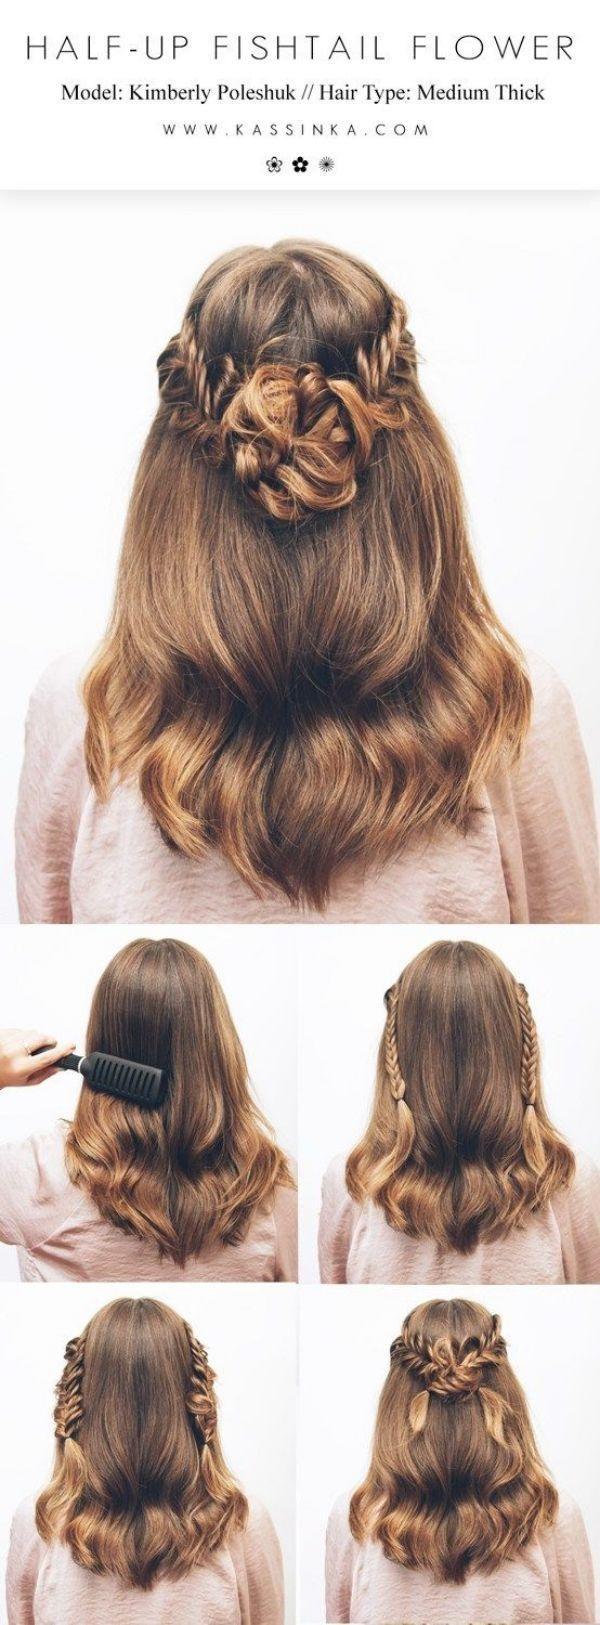 35 Greek Goddess Half-up Half-Down Hairstyles | Pinterest  Perfect Hair | #HairstyleTutorials